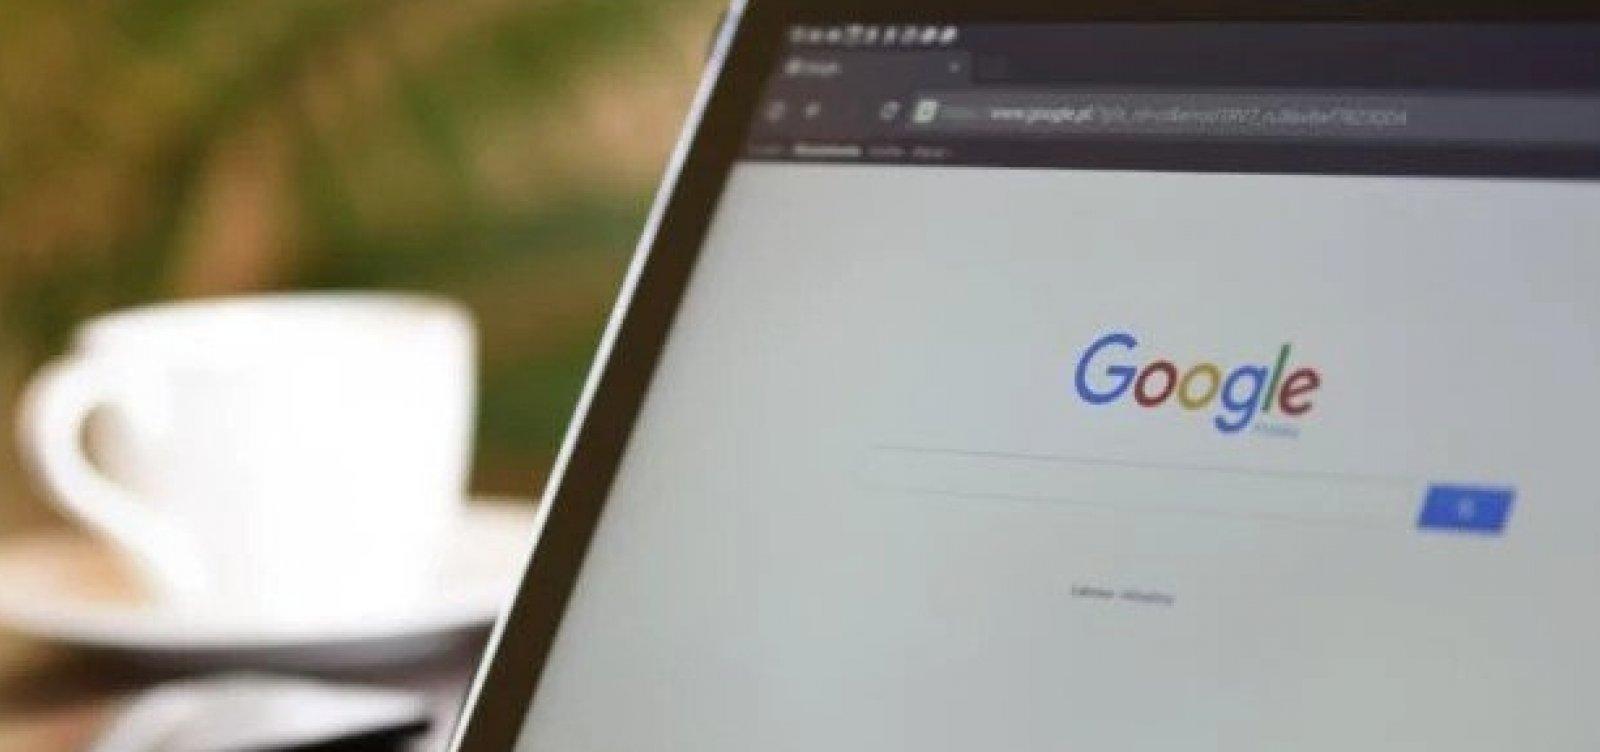 Serviços do Google e Youtube apresentam instabilidade